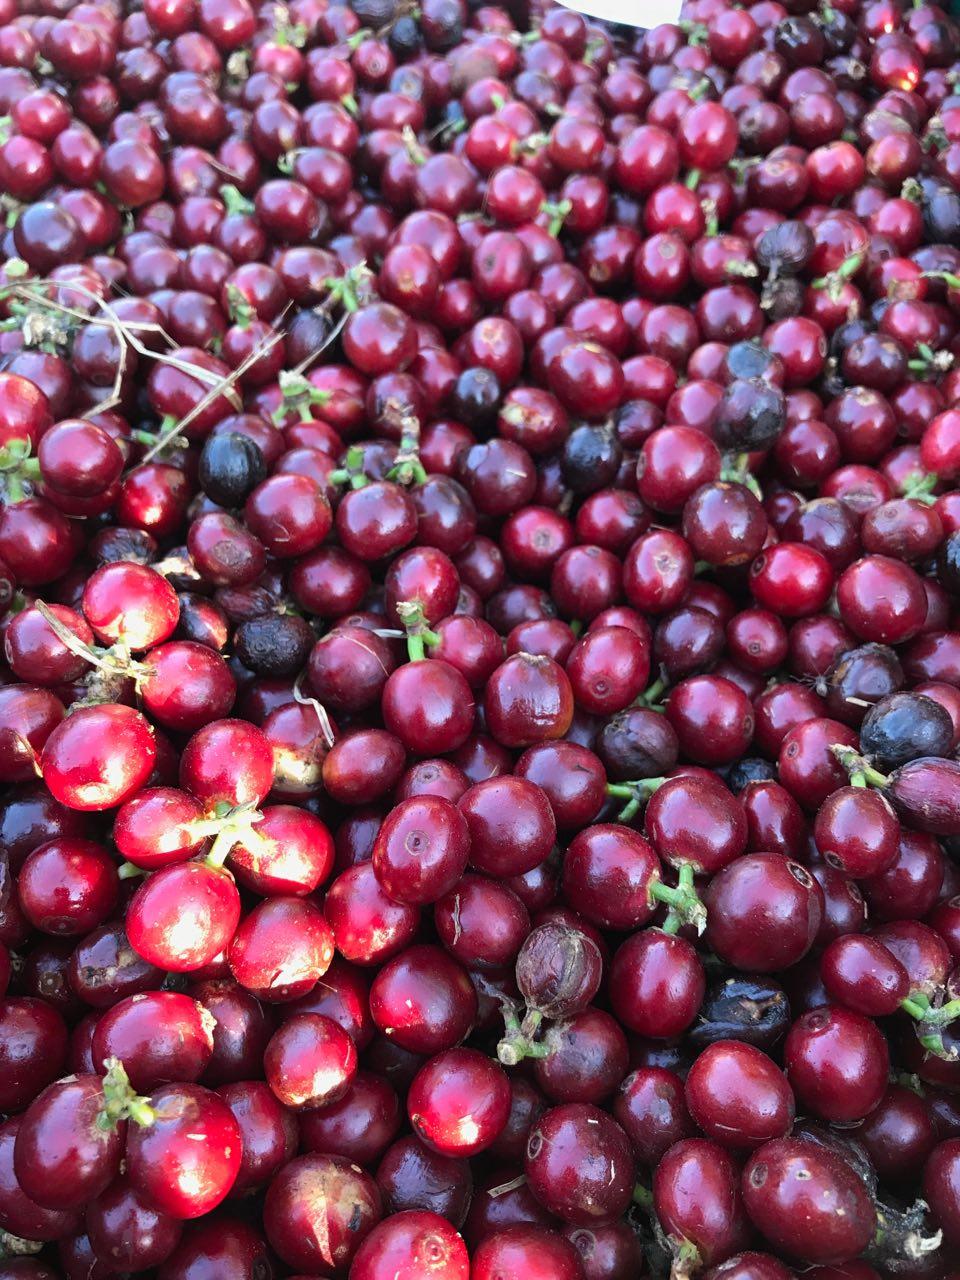 Frutos vermelhos maduros e saudáveis